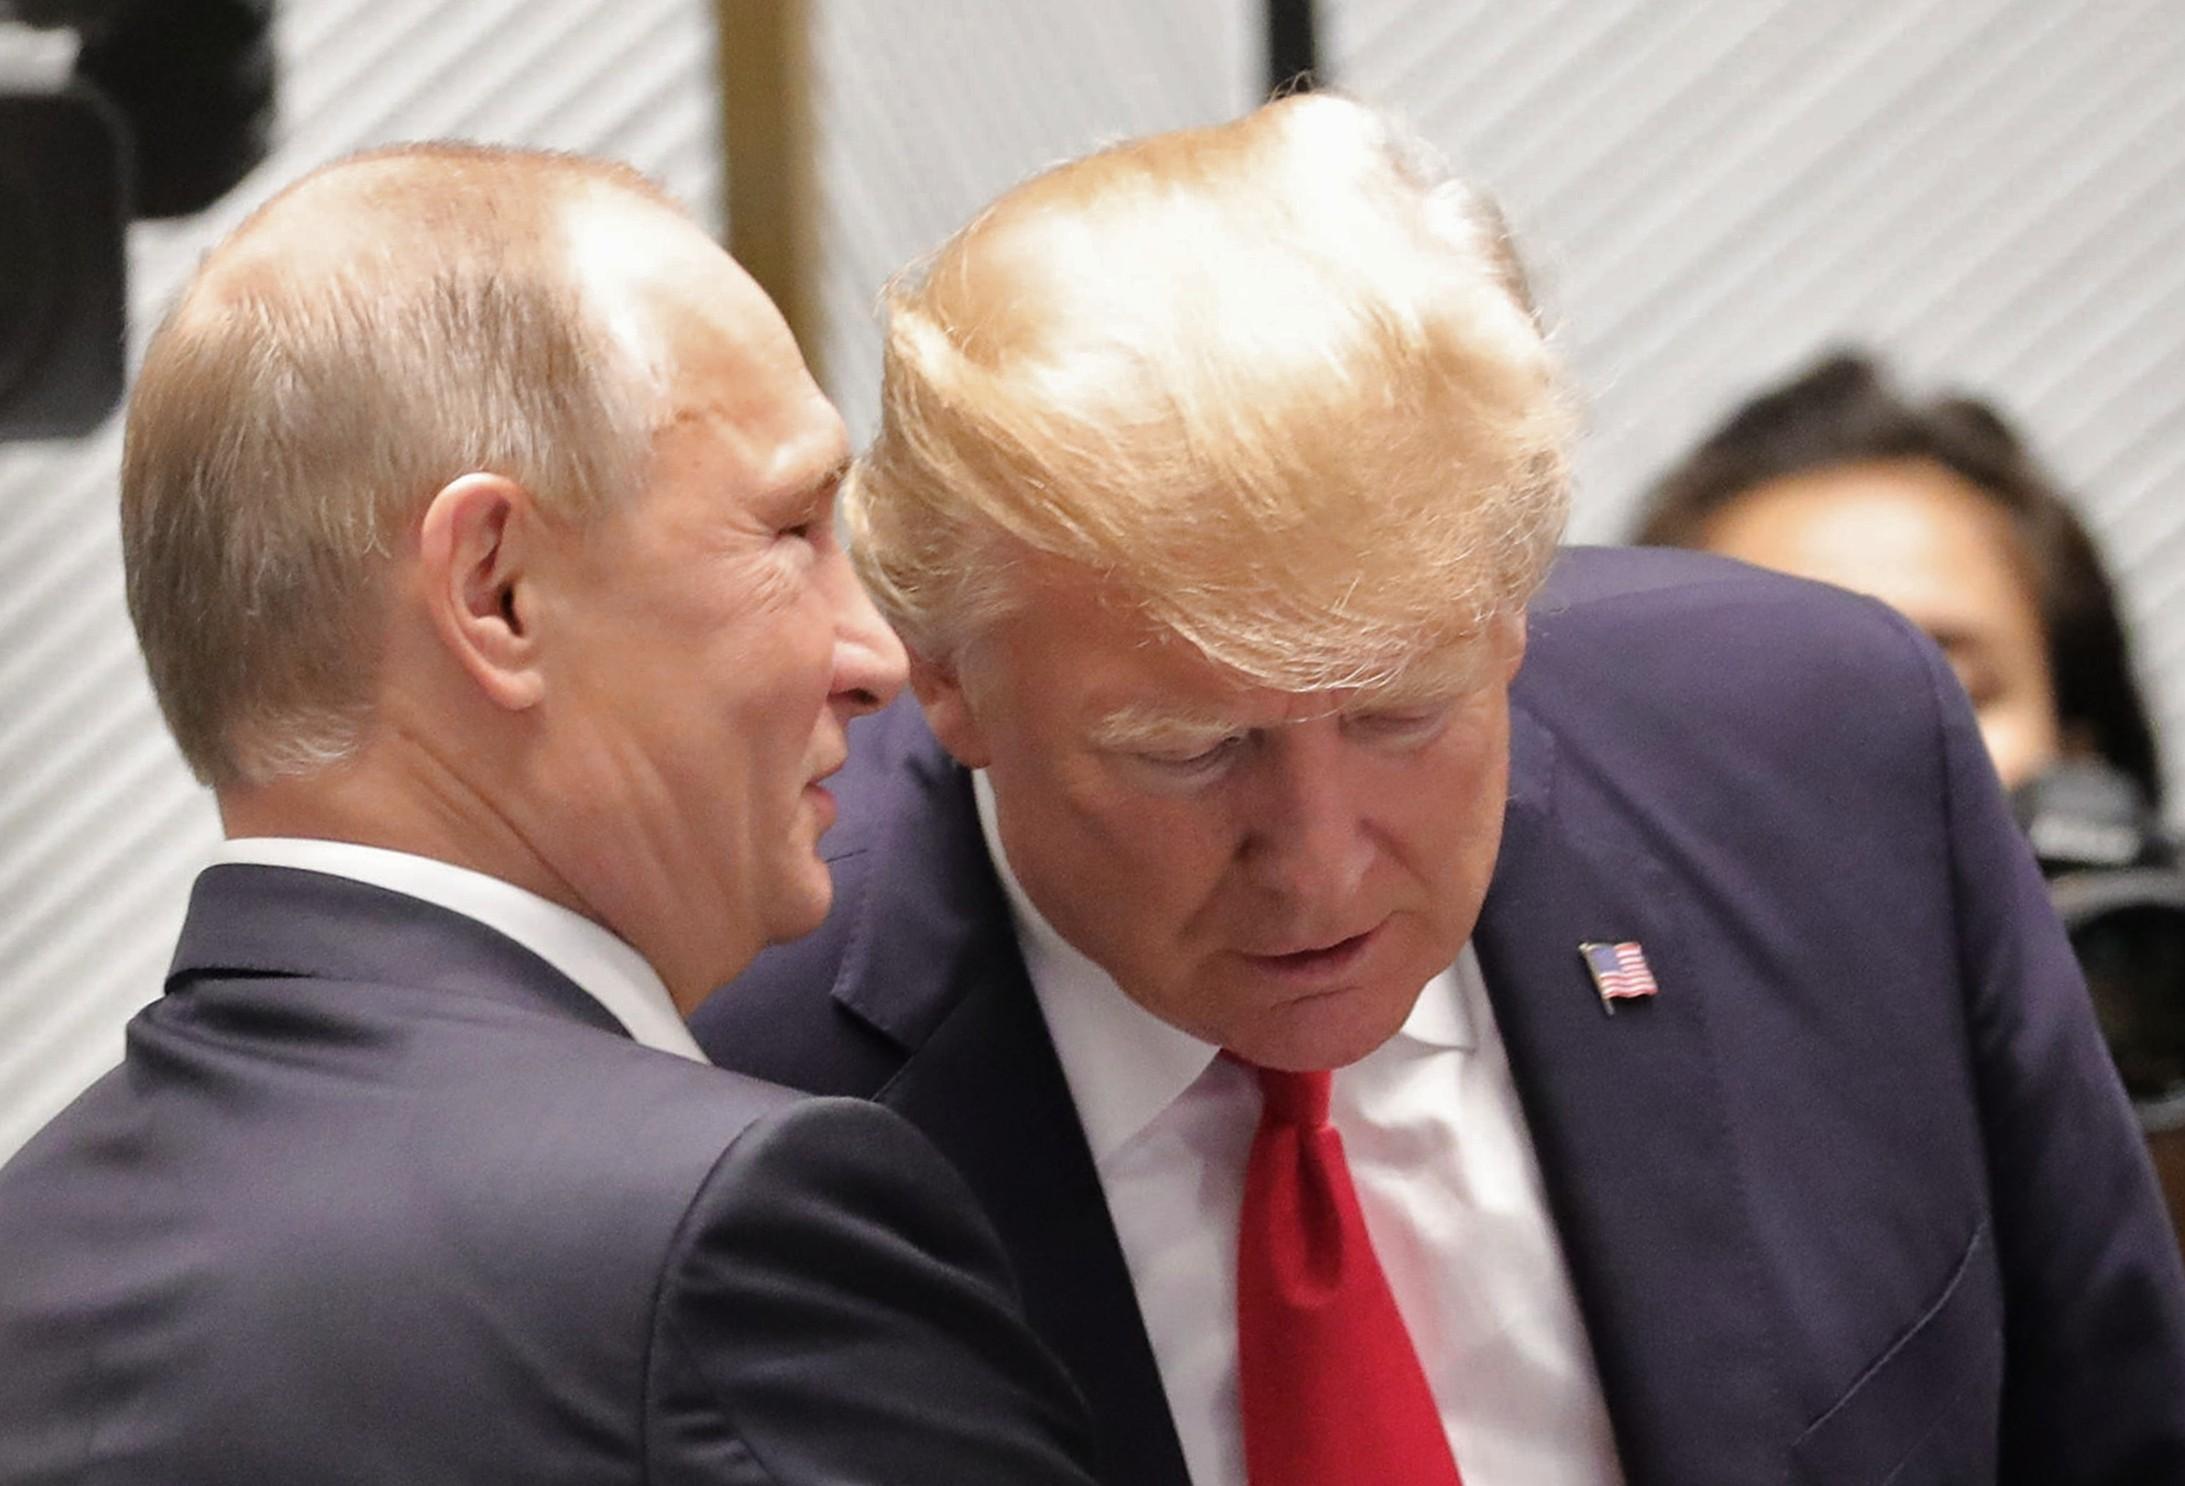 <p><span>Президент России Дональд Трамп и президент США Дональд Трамп. Фото: &copy;РИА Новости/</span>Михаил Климентьев</p>